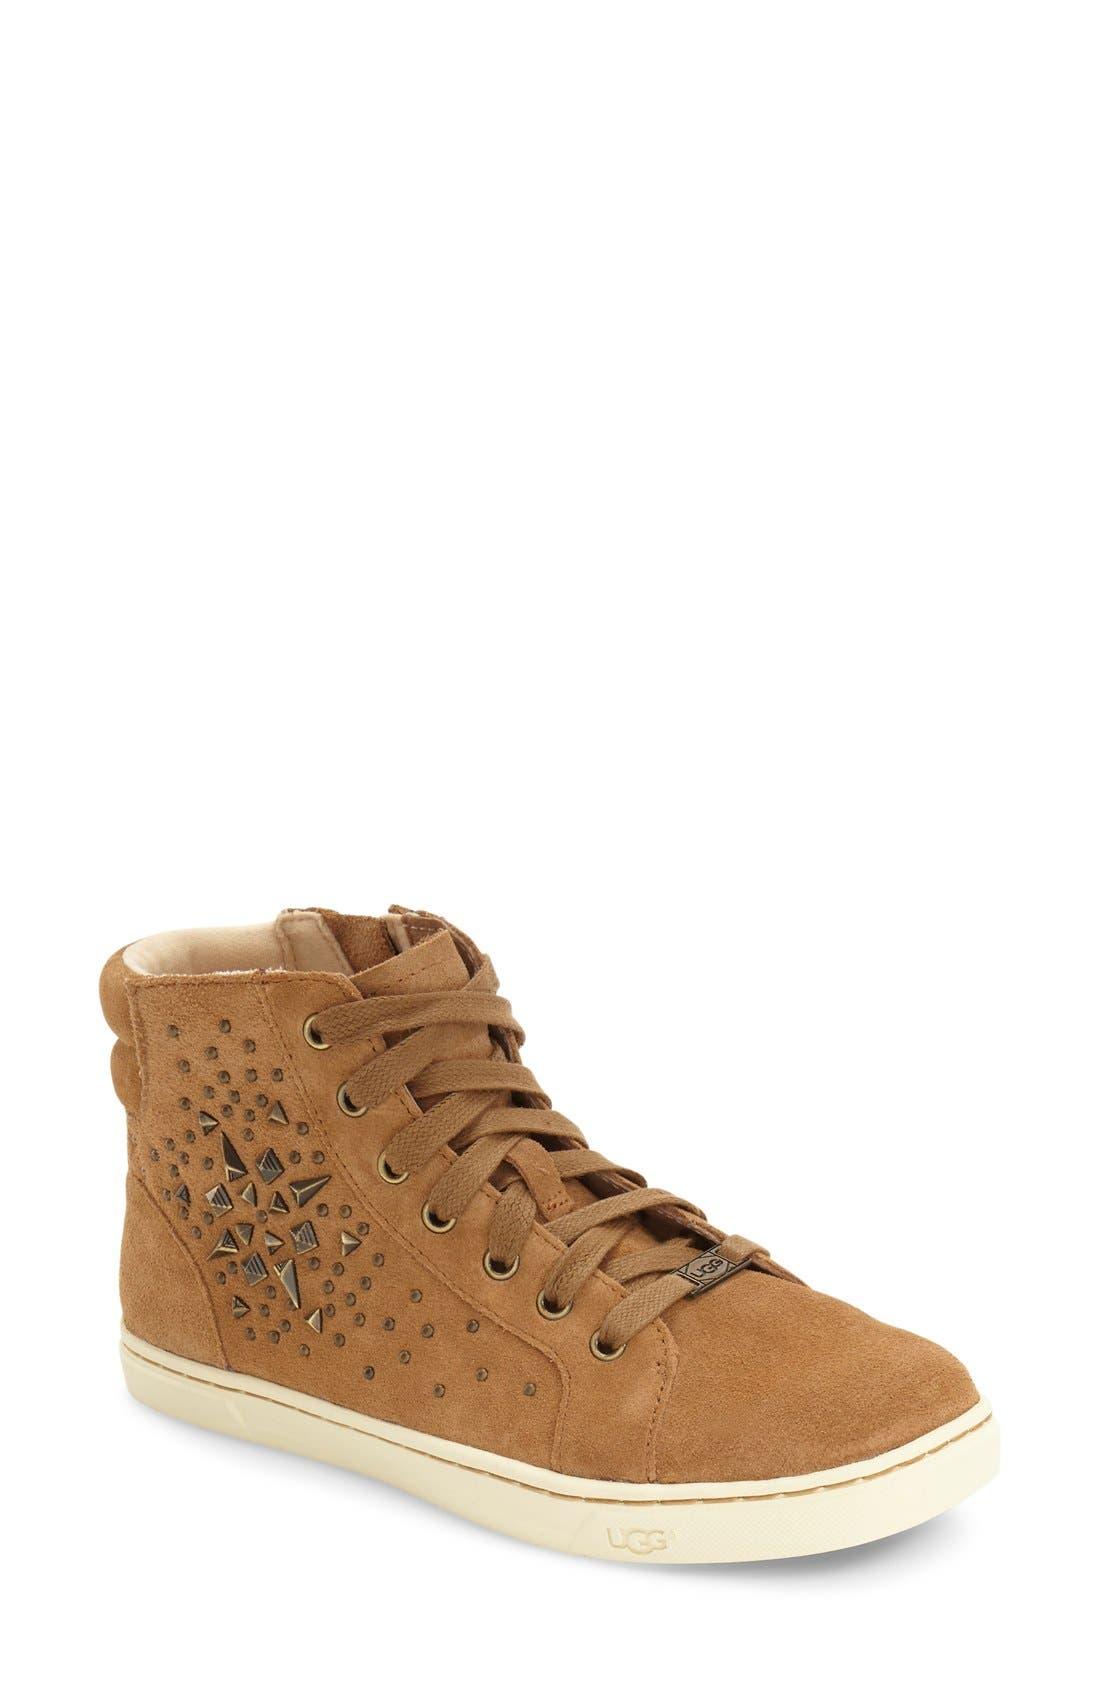 Alternate Image 1 Selected - UGG® Gradie Deco Stud High Top Sneaker (Women)